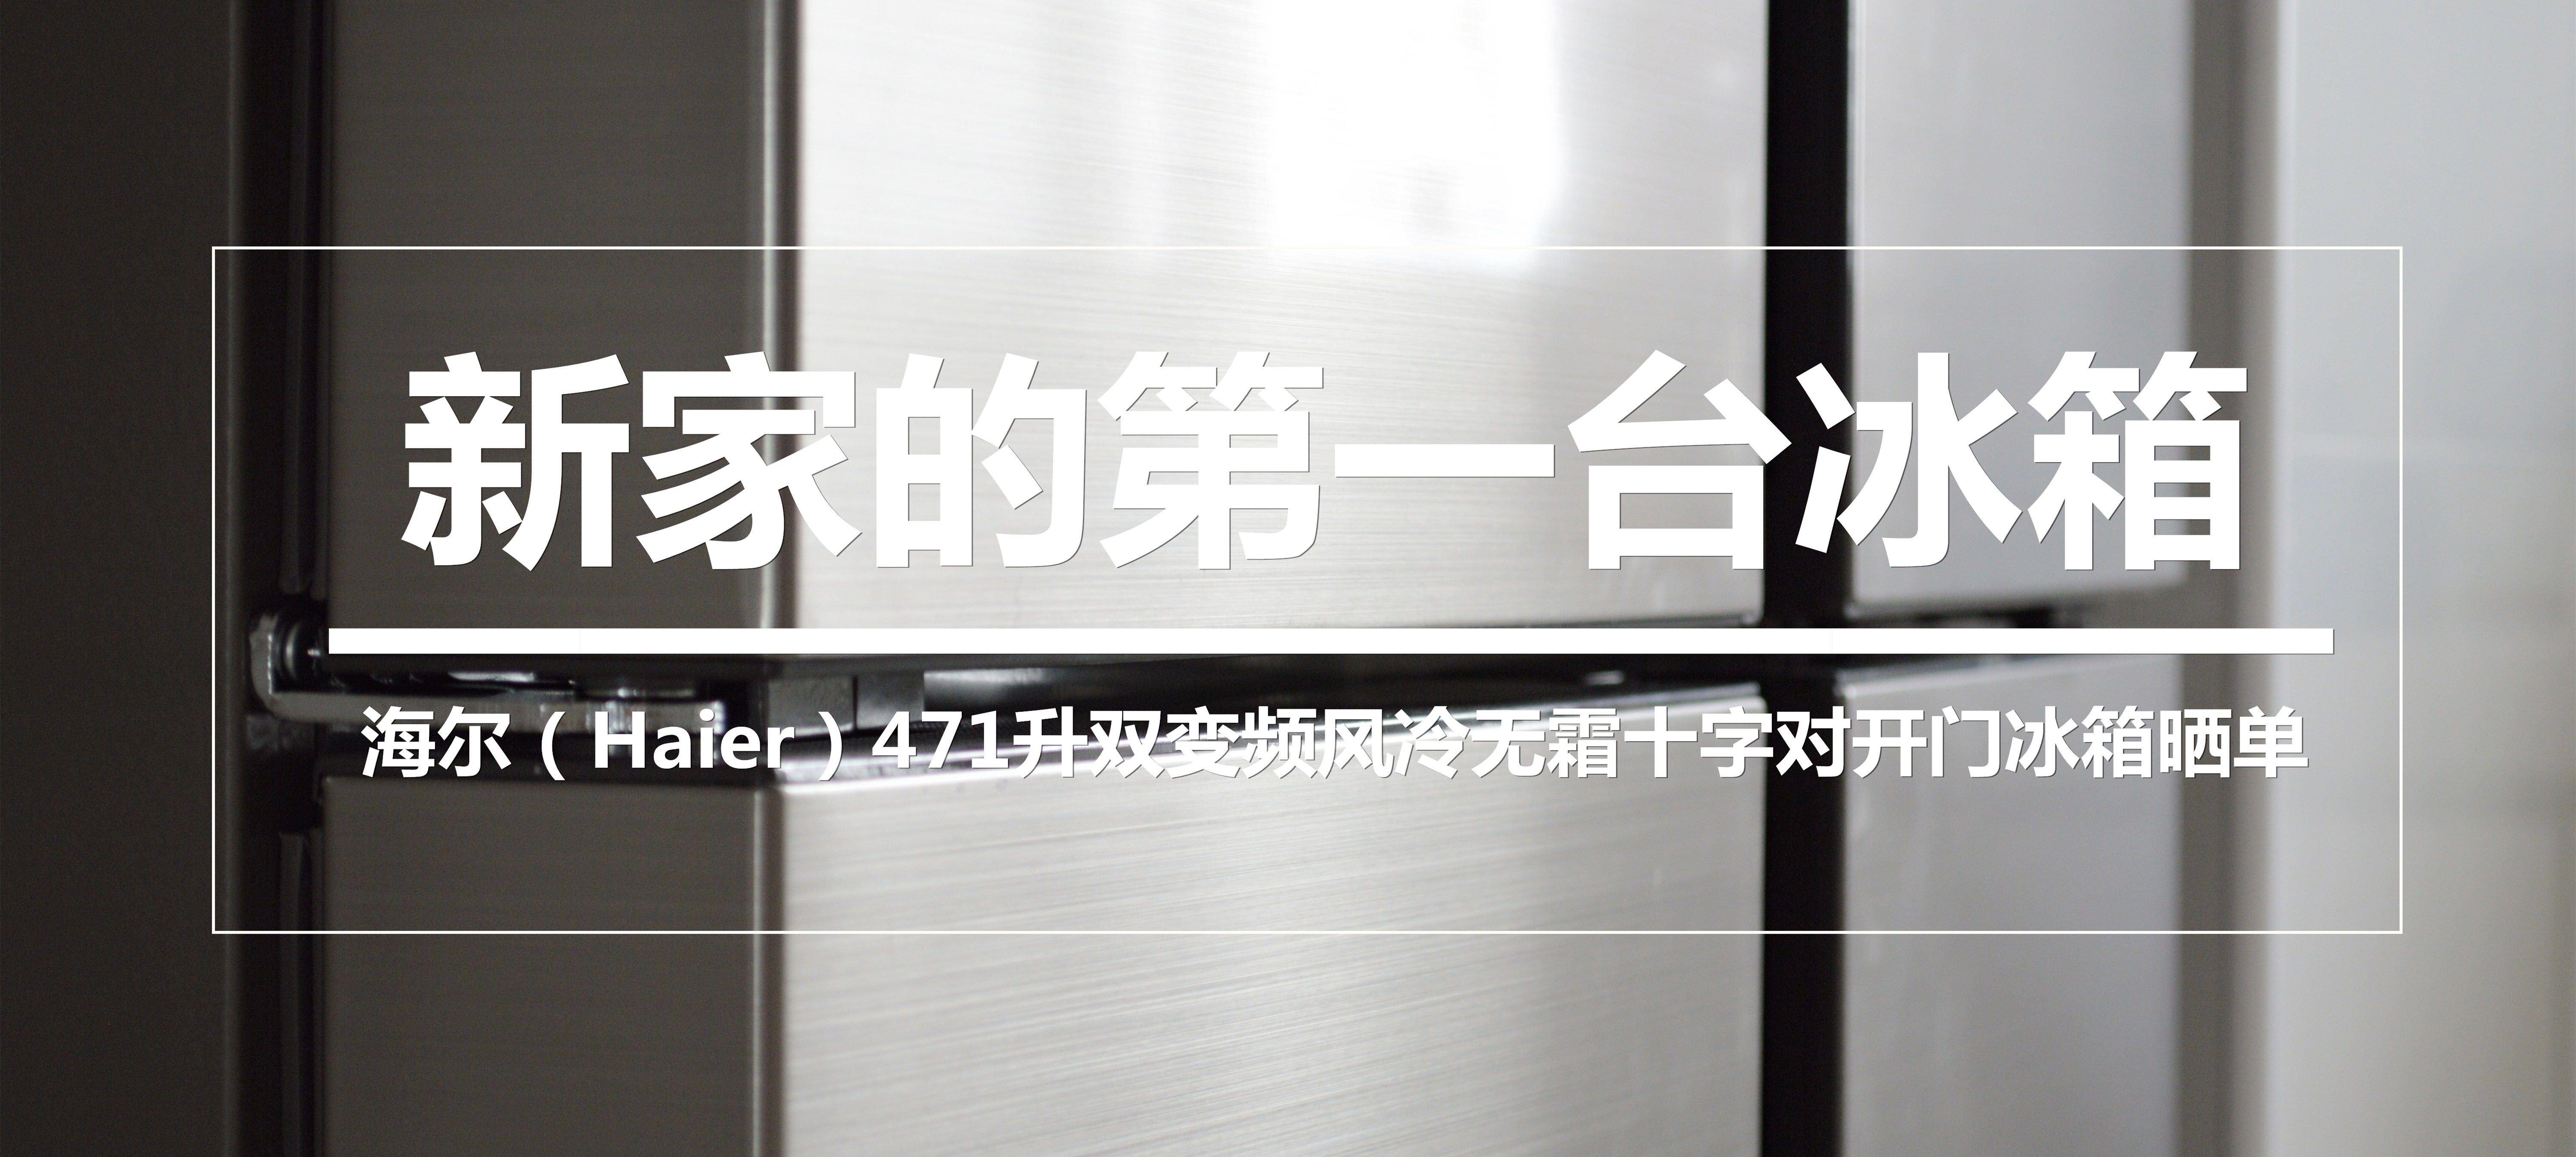 新家的第一台冰箱—Haier 海尔 471 升双变频风冷无霜十字对开门冰箱 晒单及售后